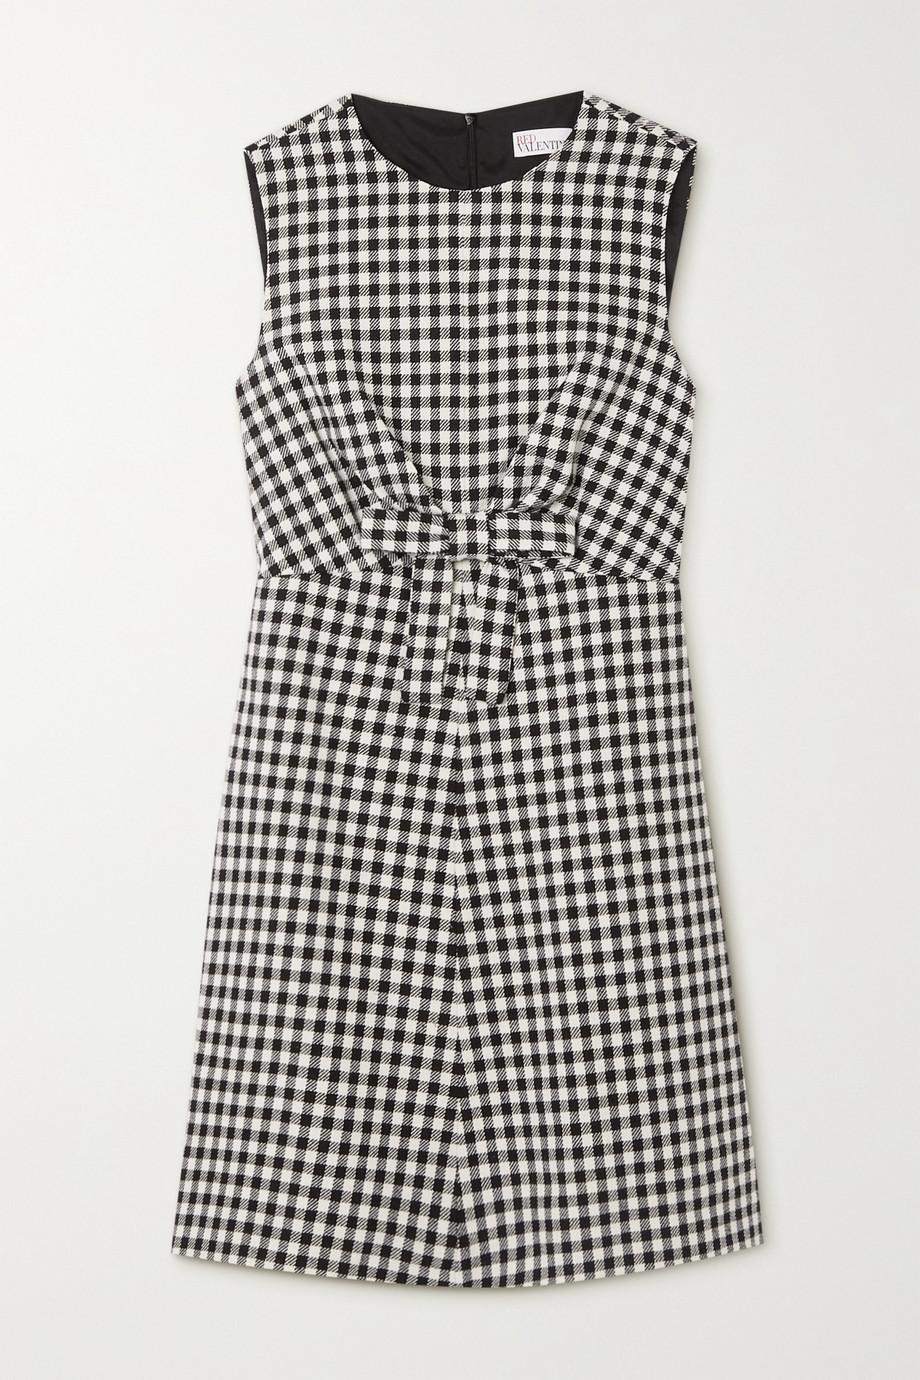 REDValentino Minikleid aus Tweed mit Gingham-Karo und Schleife